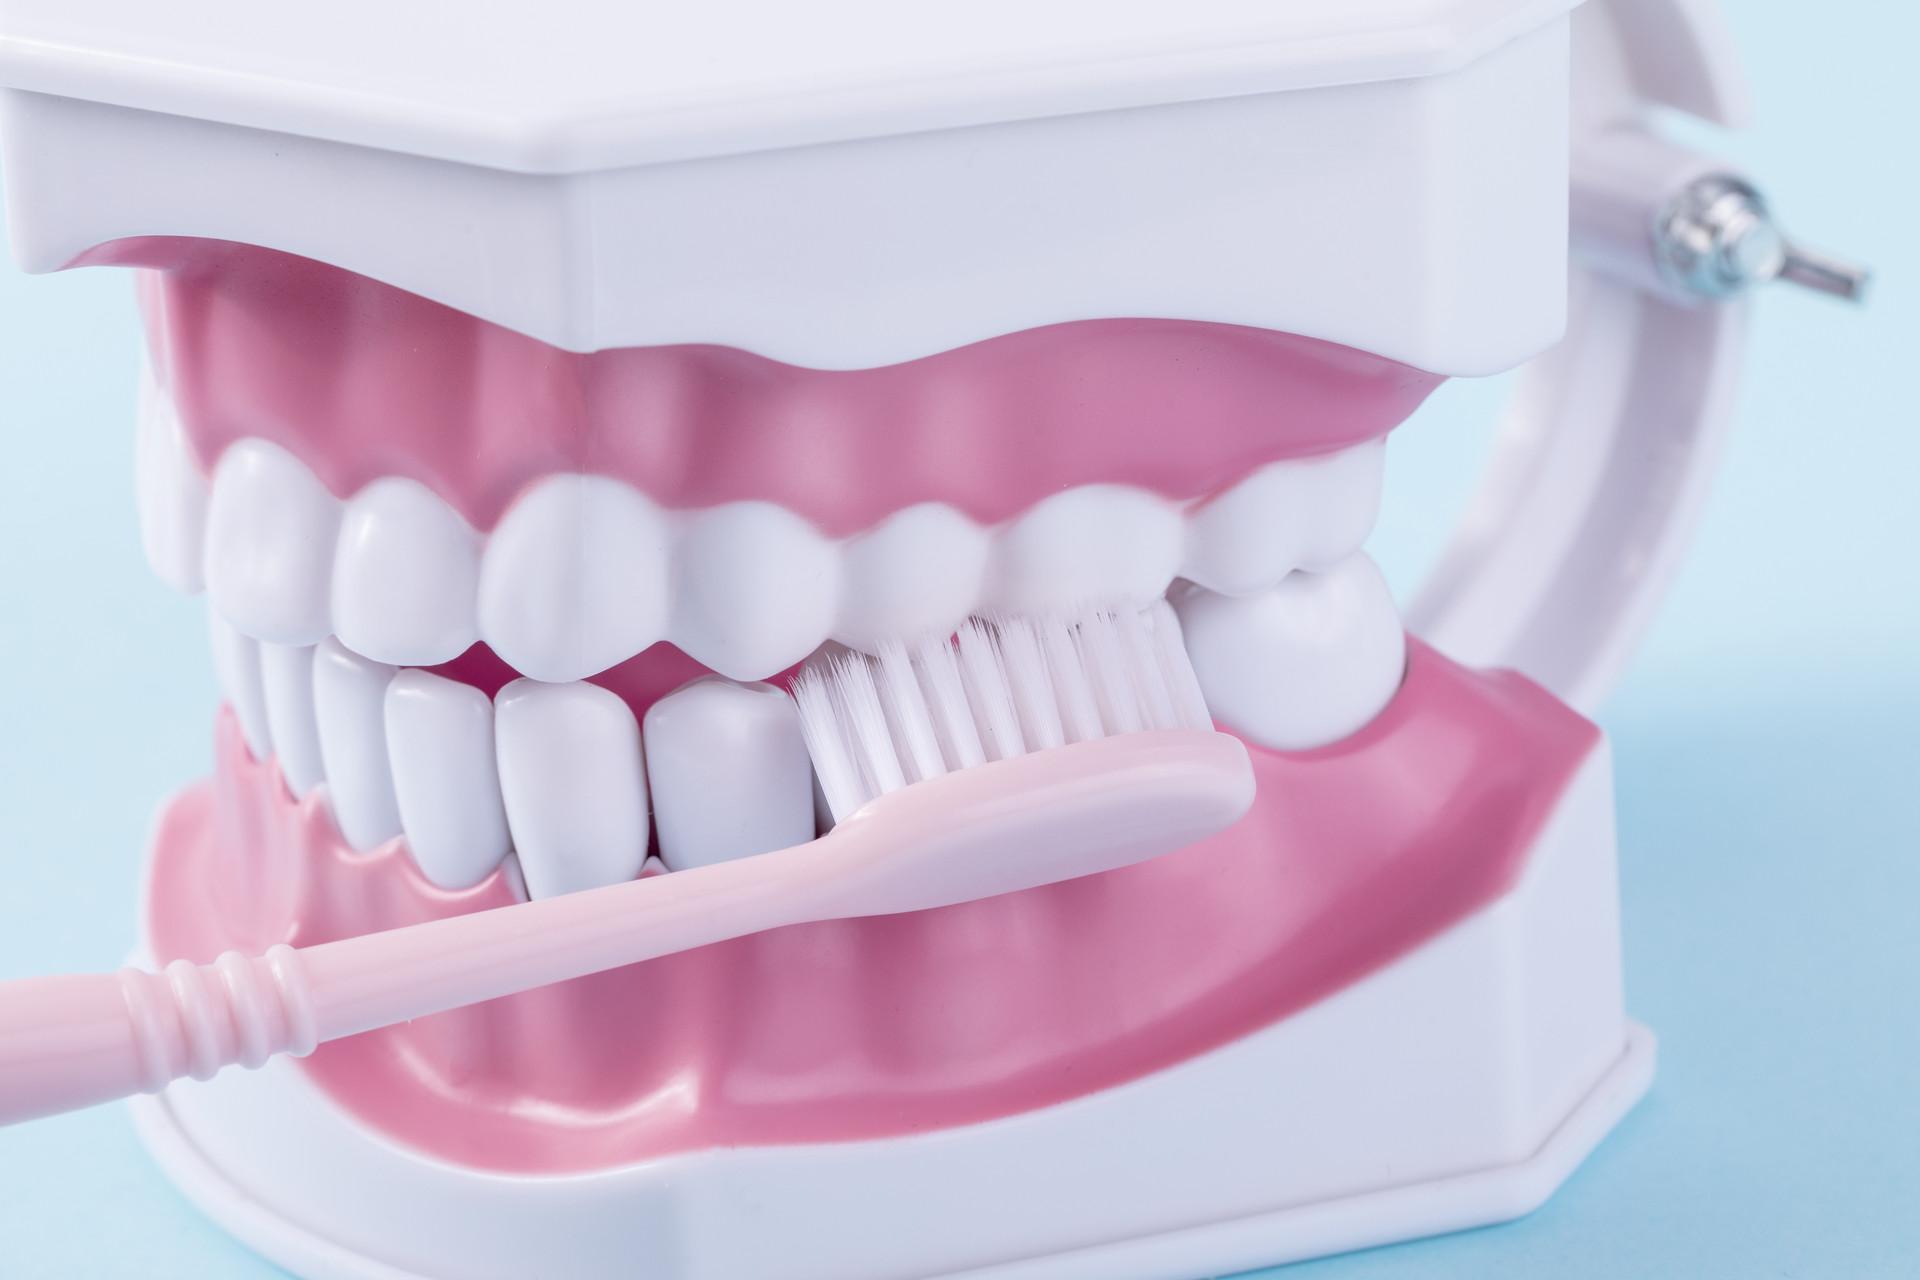 补牙和镶牙不能混为一谈,两者区别大着呢